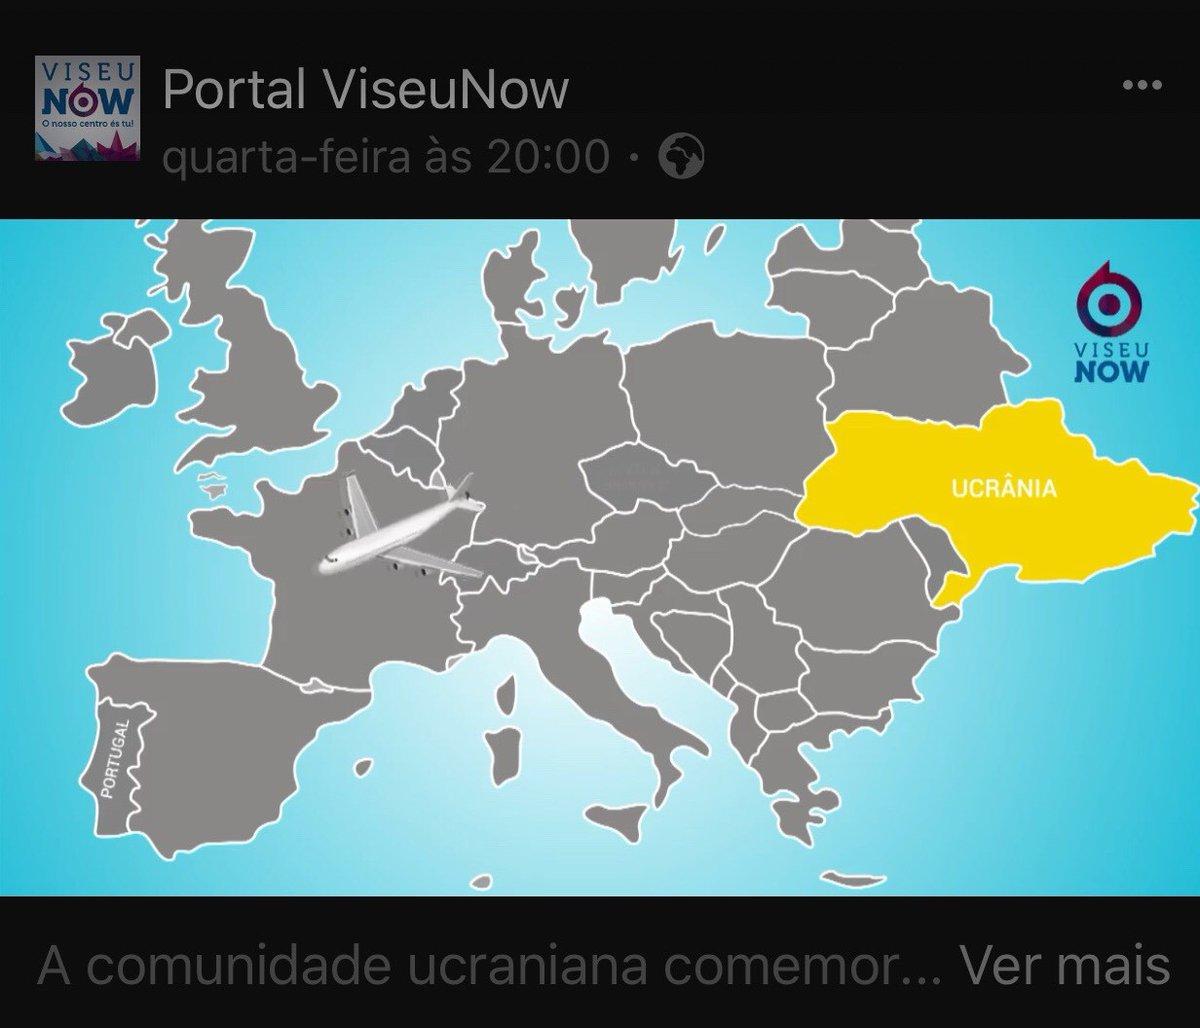 УПортугалії туристичний сайт опублікував карту України без Криму